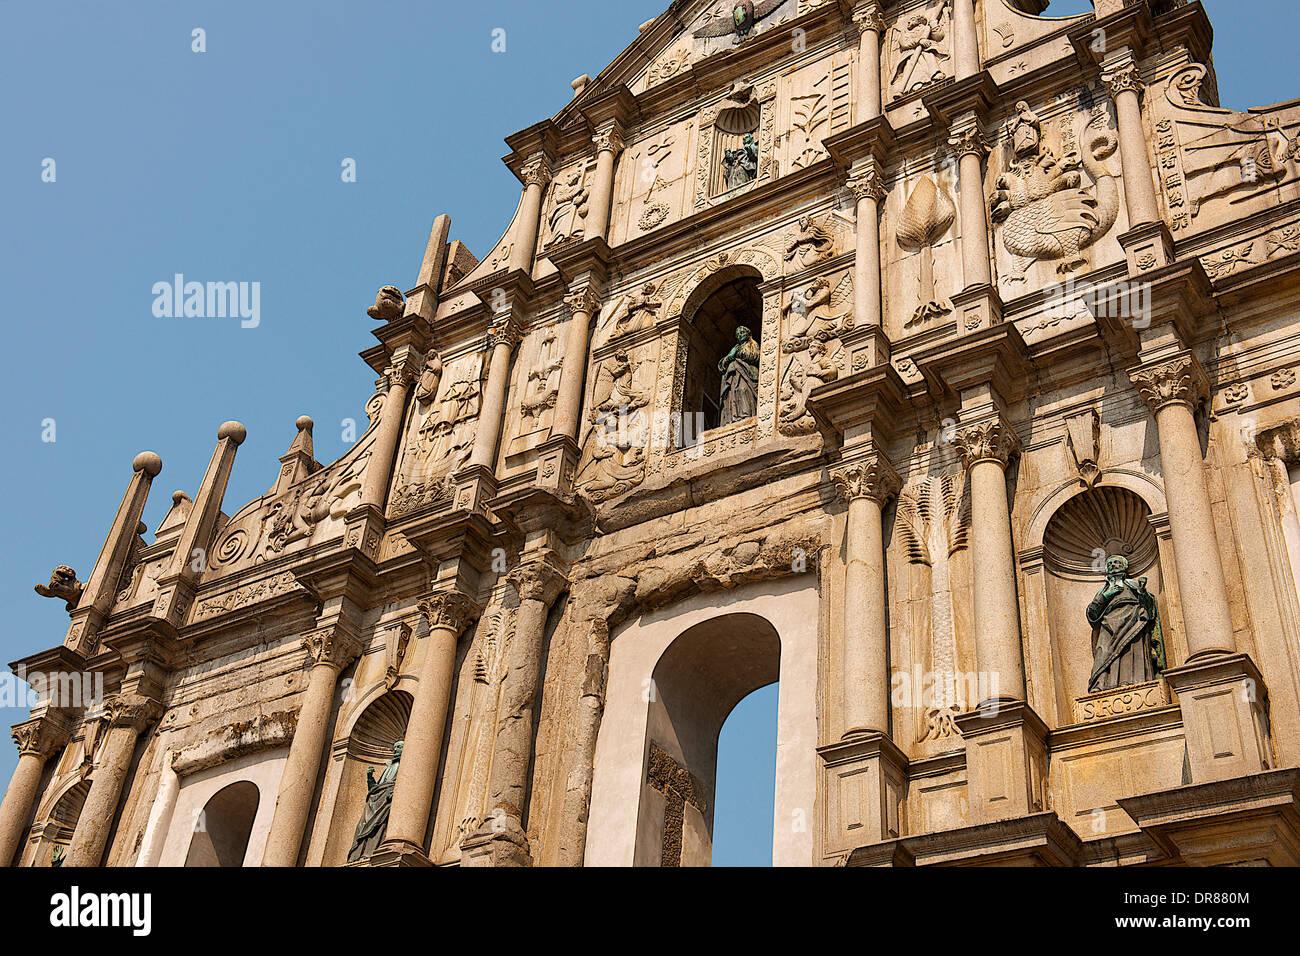 Ruines de la Cathédrale St Paul, Macao, Chine Photo Stock